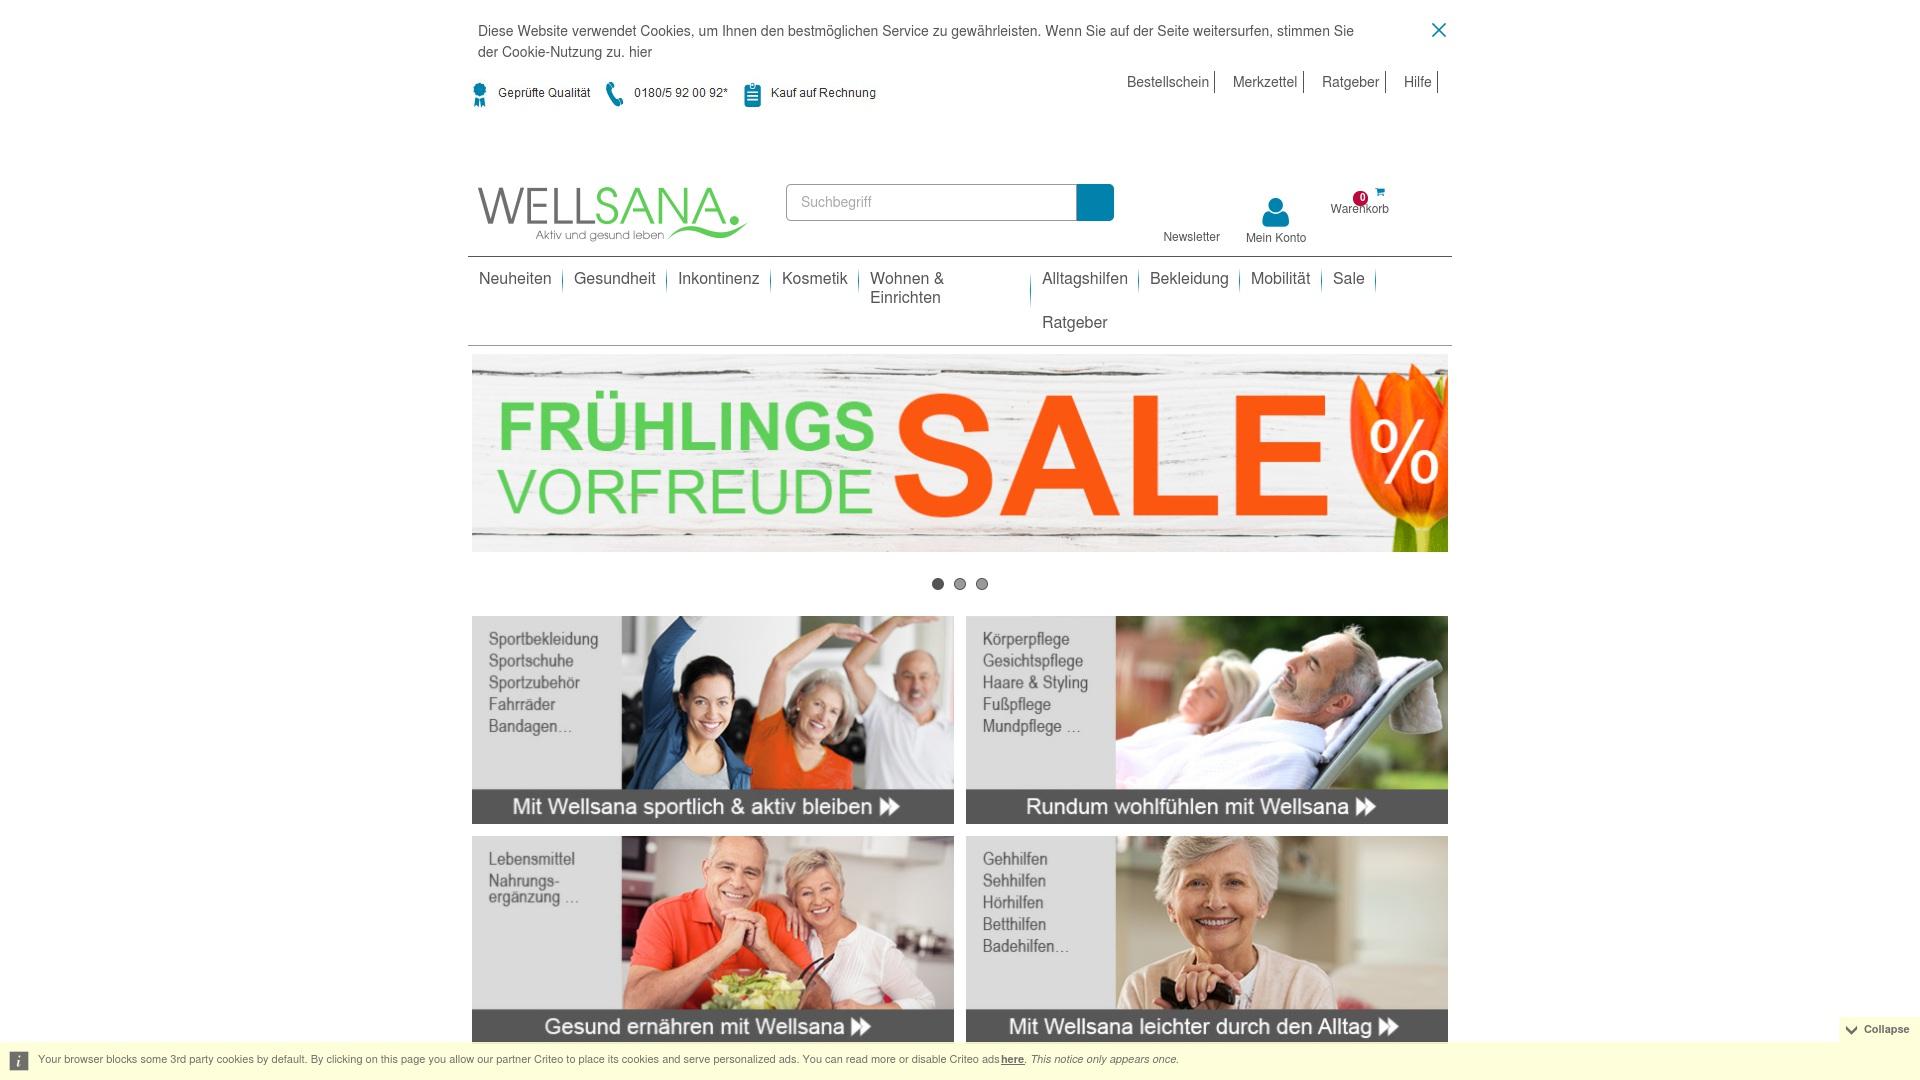 Gutschein für Wellsana: Rabatte für  Wellsana sichern